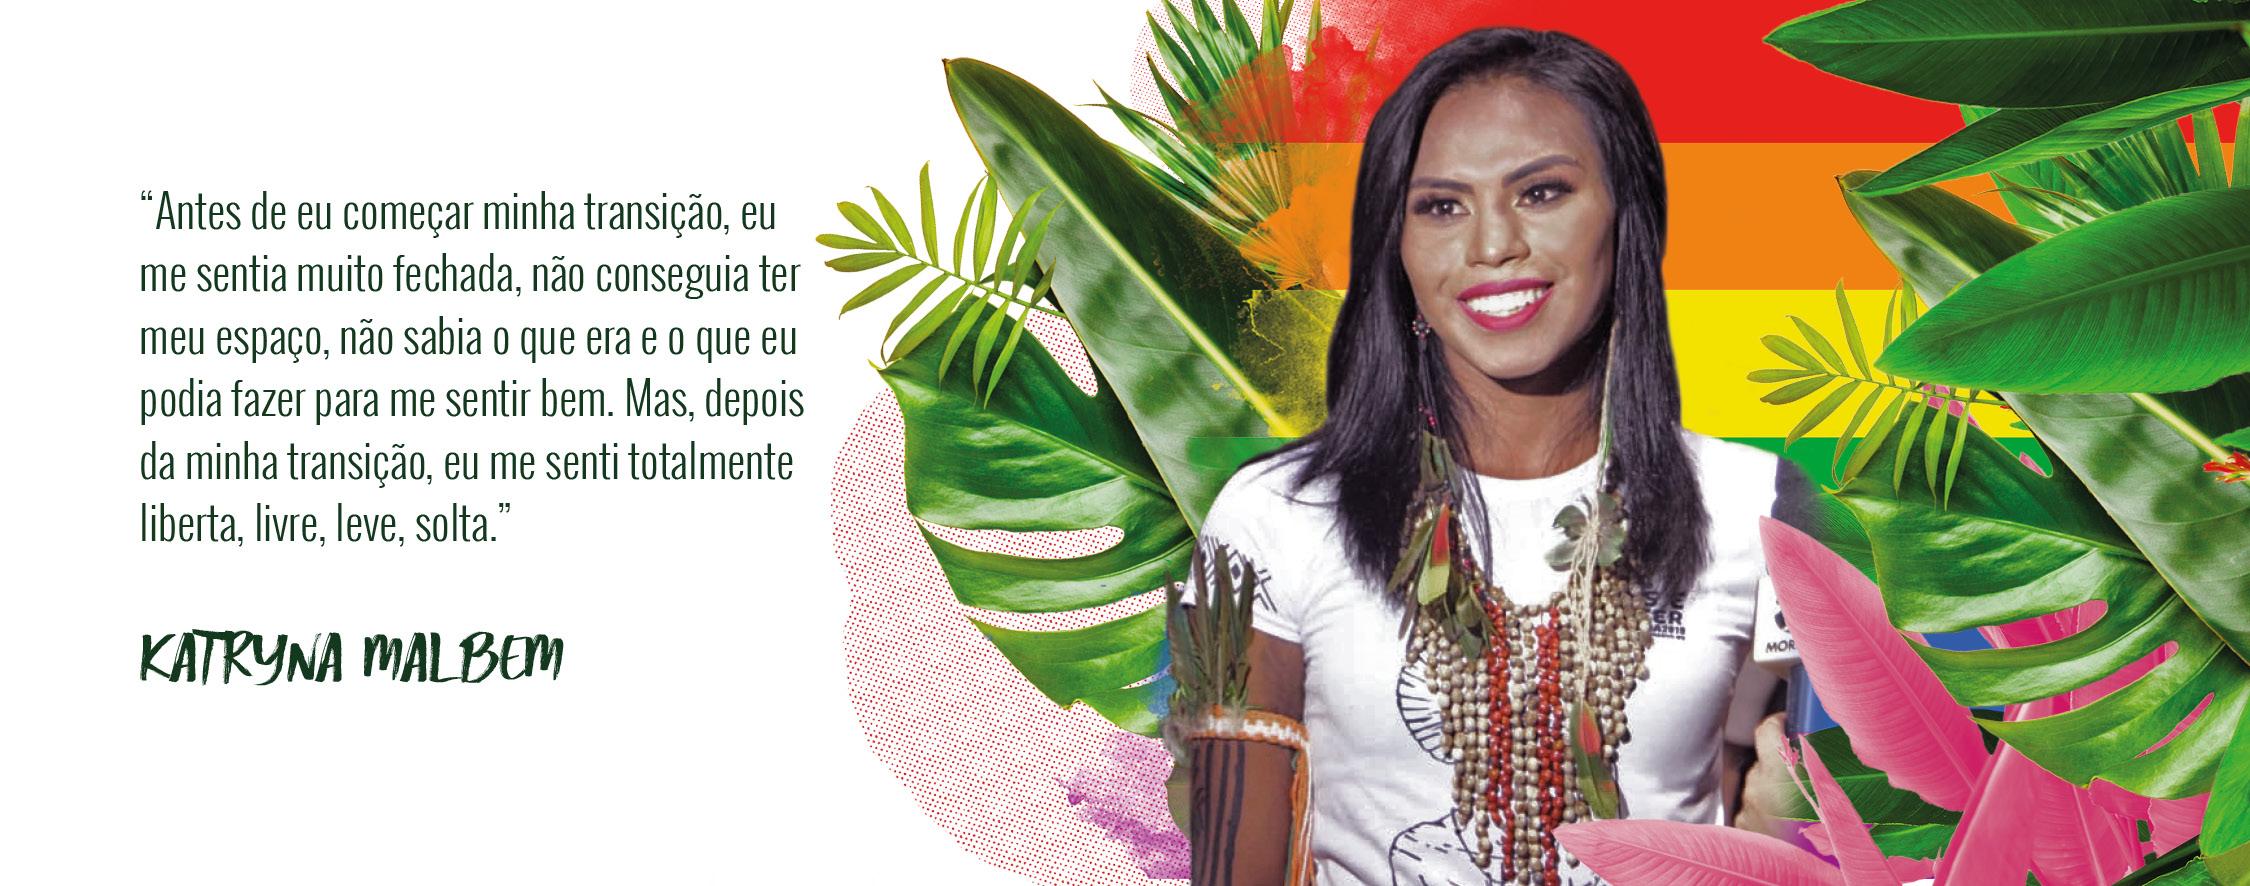 LGBTfobia veio de caravela: colonização sobre os corpos   Especiais